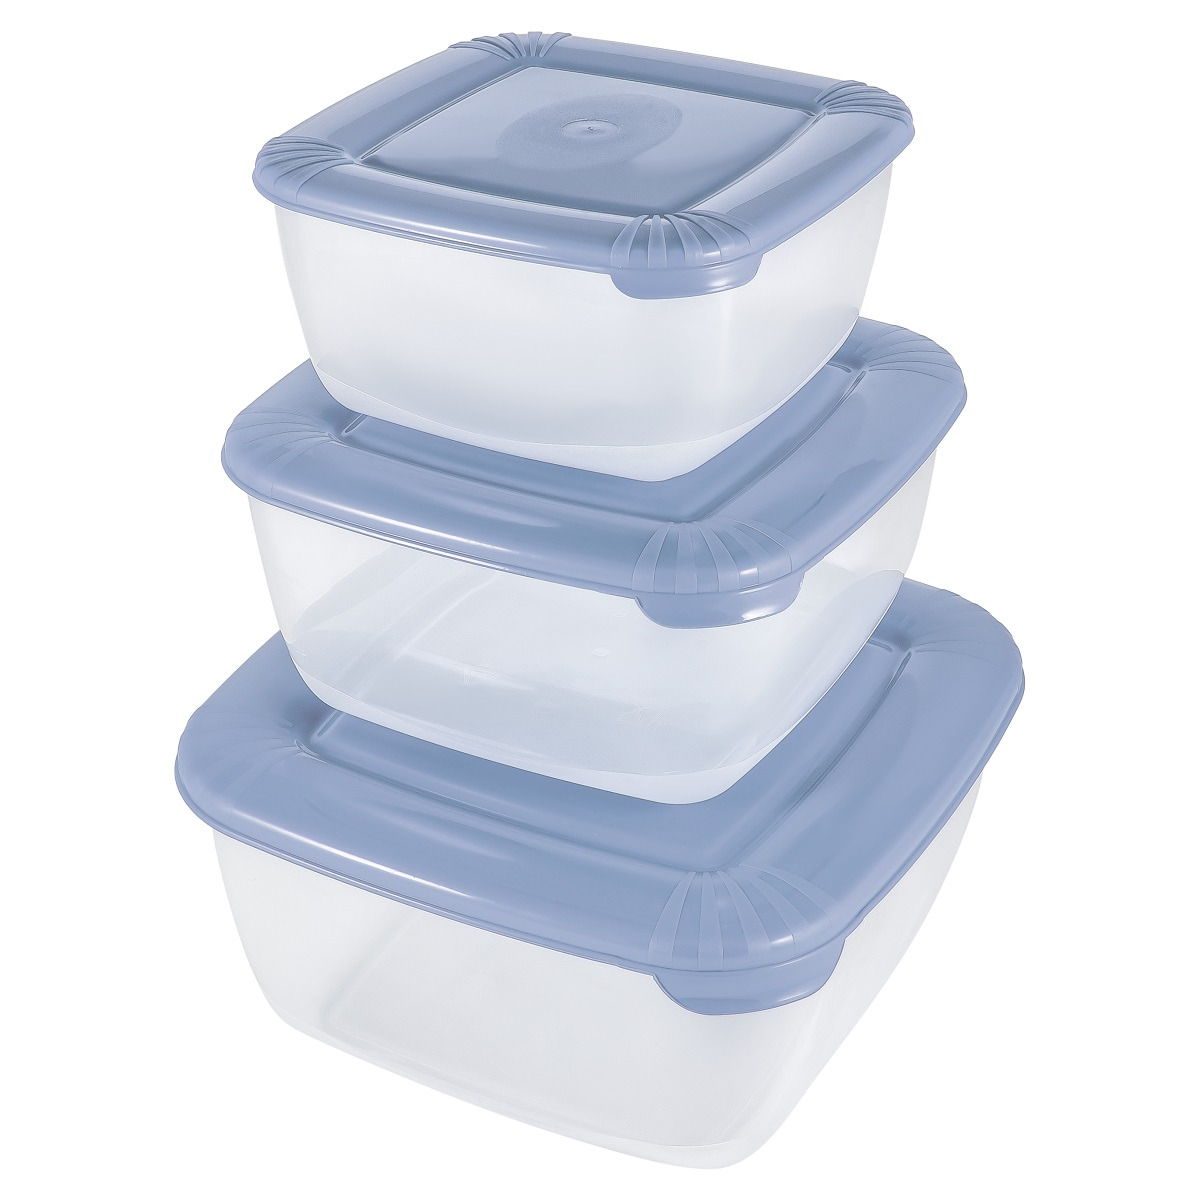 Набор емкостей для продуктов Plast Team Polar, PT1680-6, туманно-голубой, 3 шт